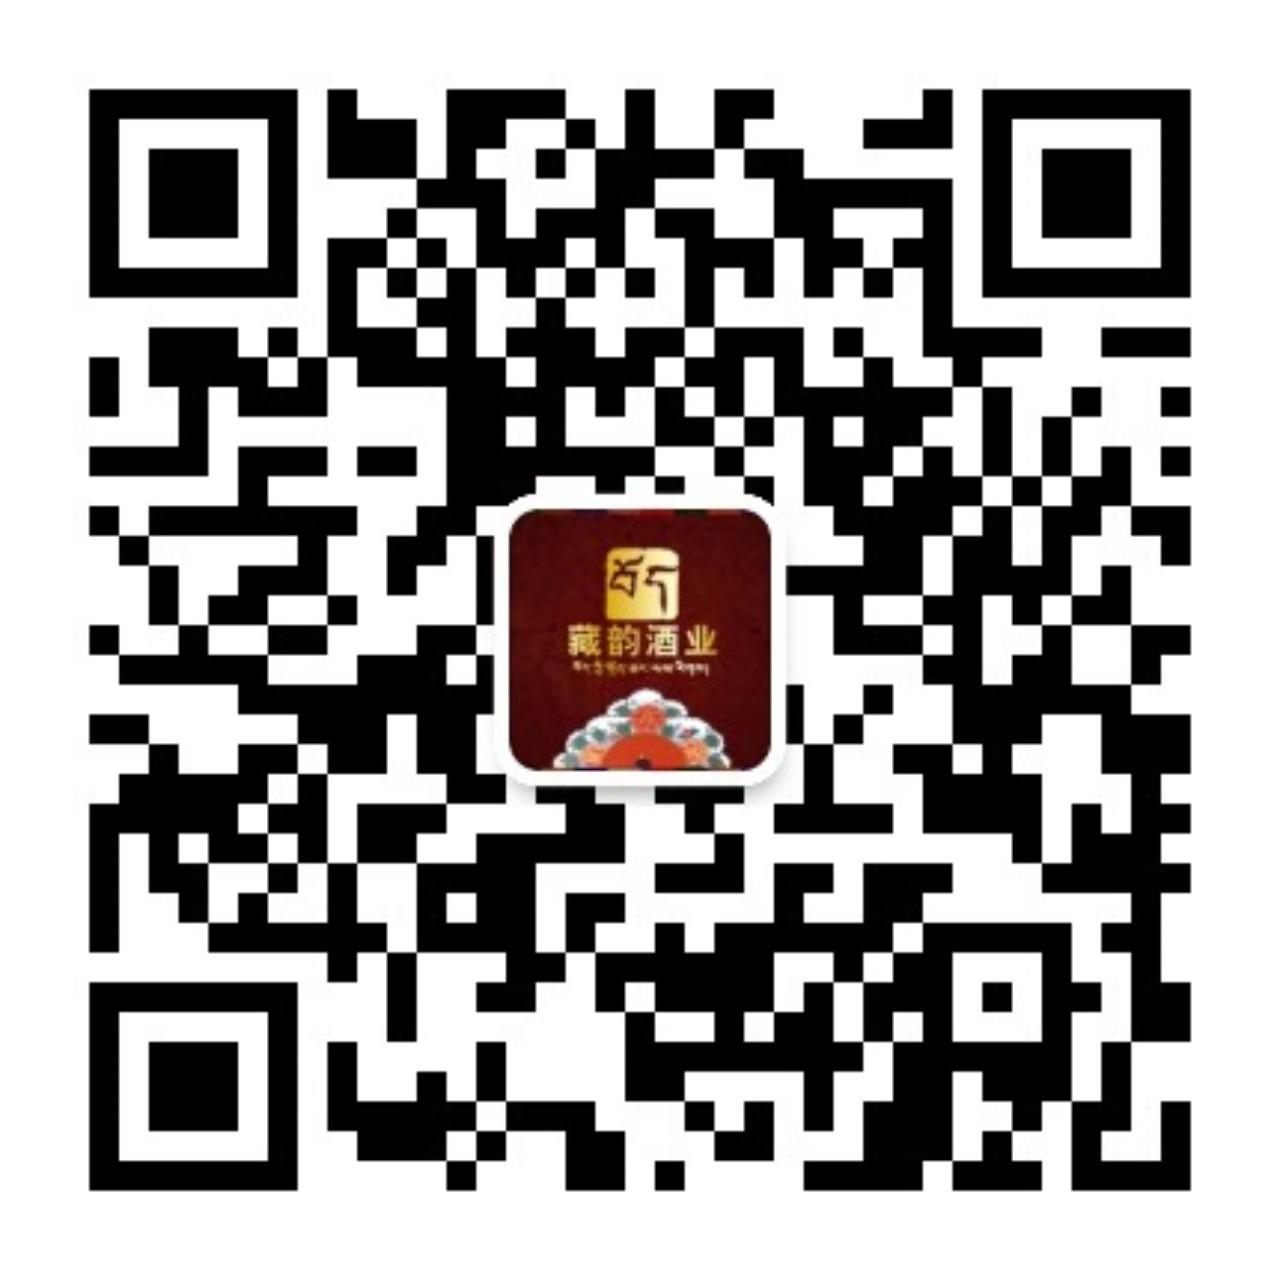 a11e7f19-d3a2-4255-a7a6-7cc2c63ae264